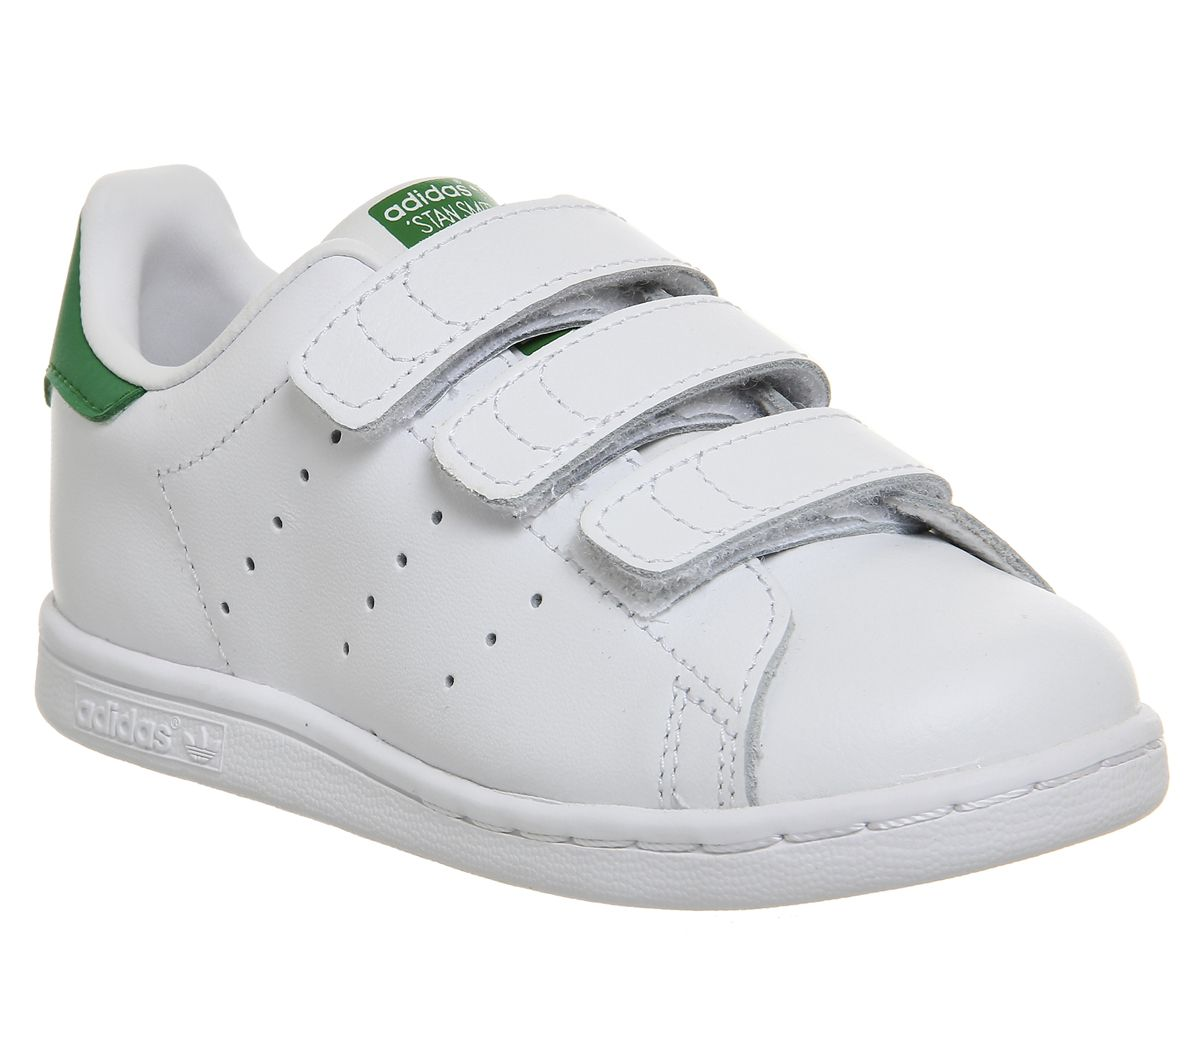 the best attitude 5dfe4 90240 adidas Stan Smith Cf Td 3-9 White Green - Unisex